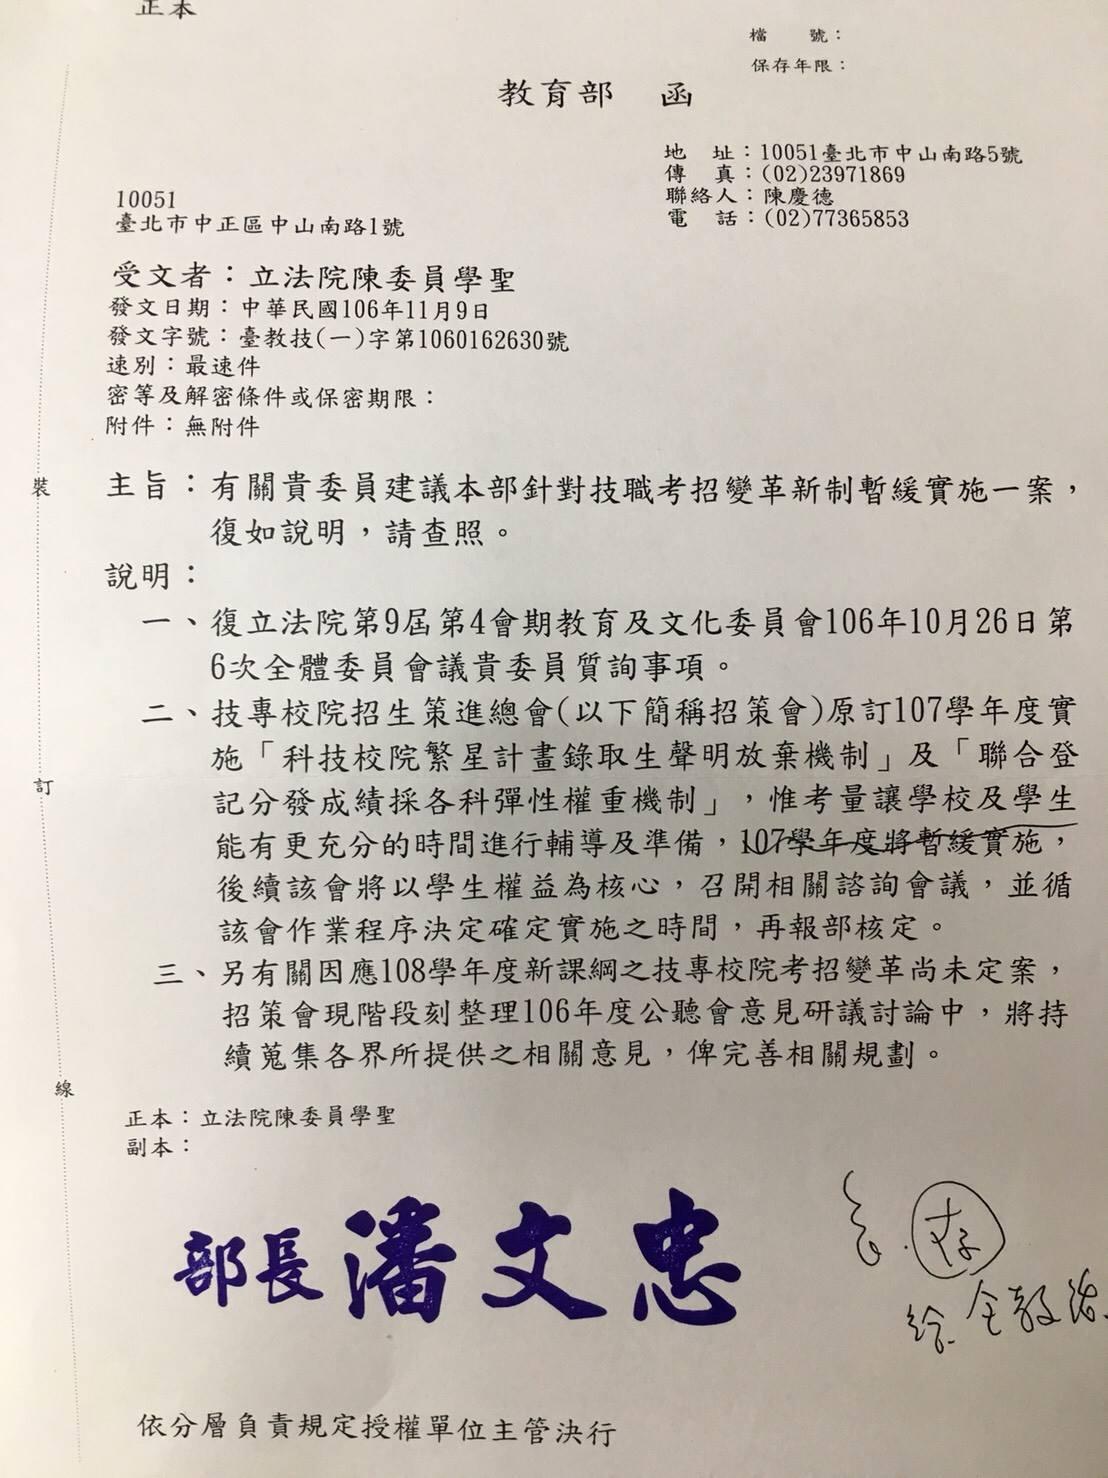 教育部給立法委員陳學聖祭專考招公文。圖/全教總提供(技職3.0)